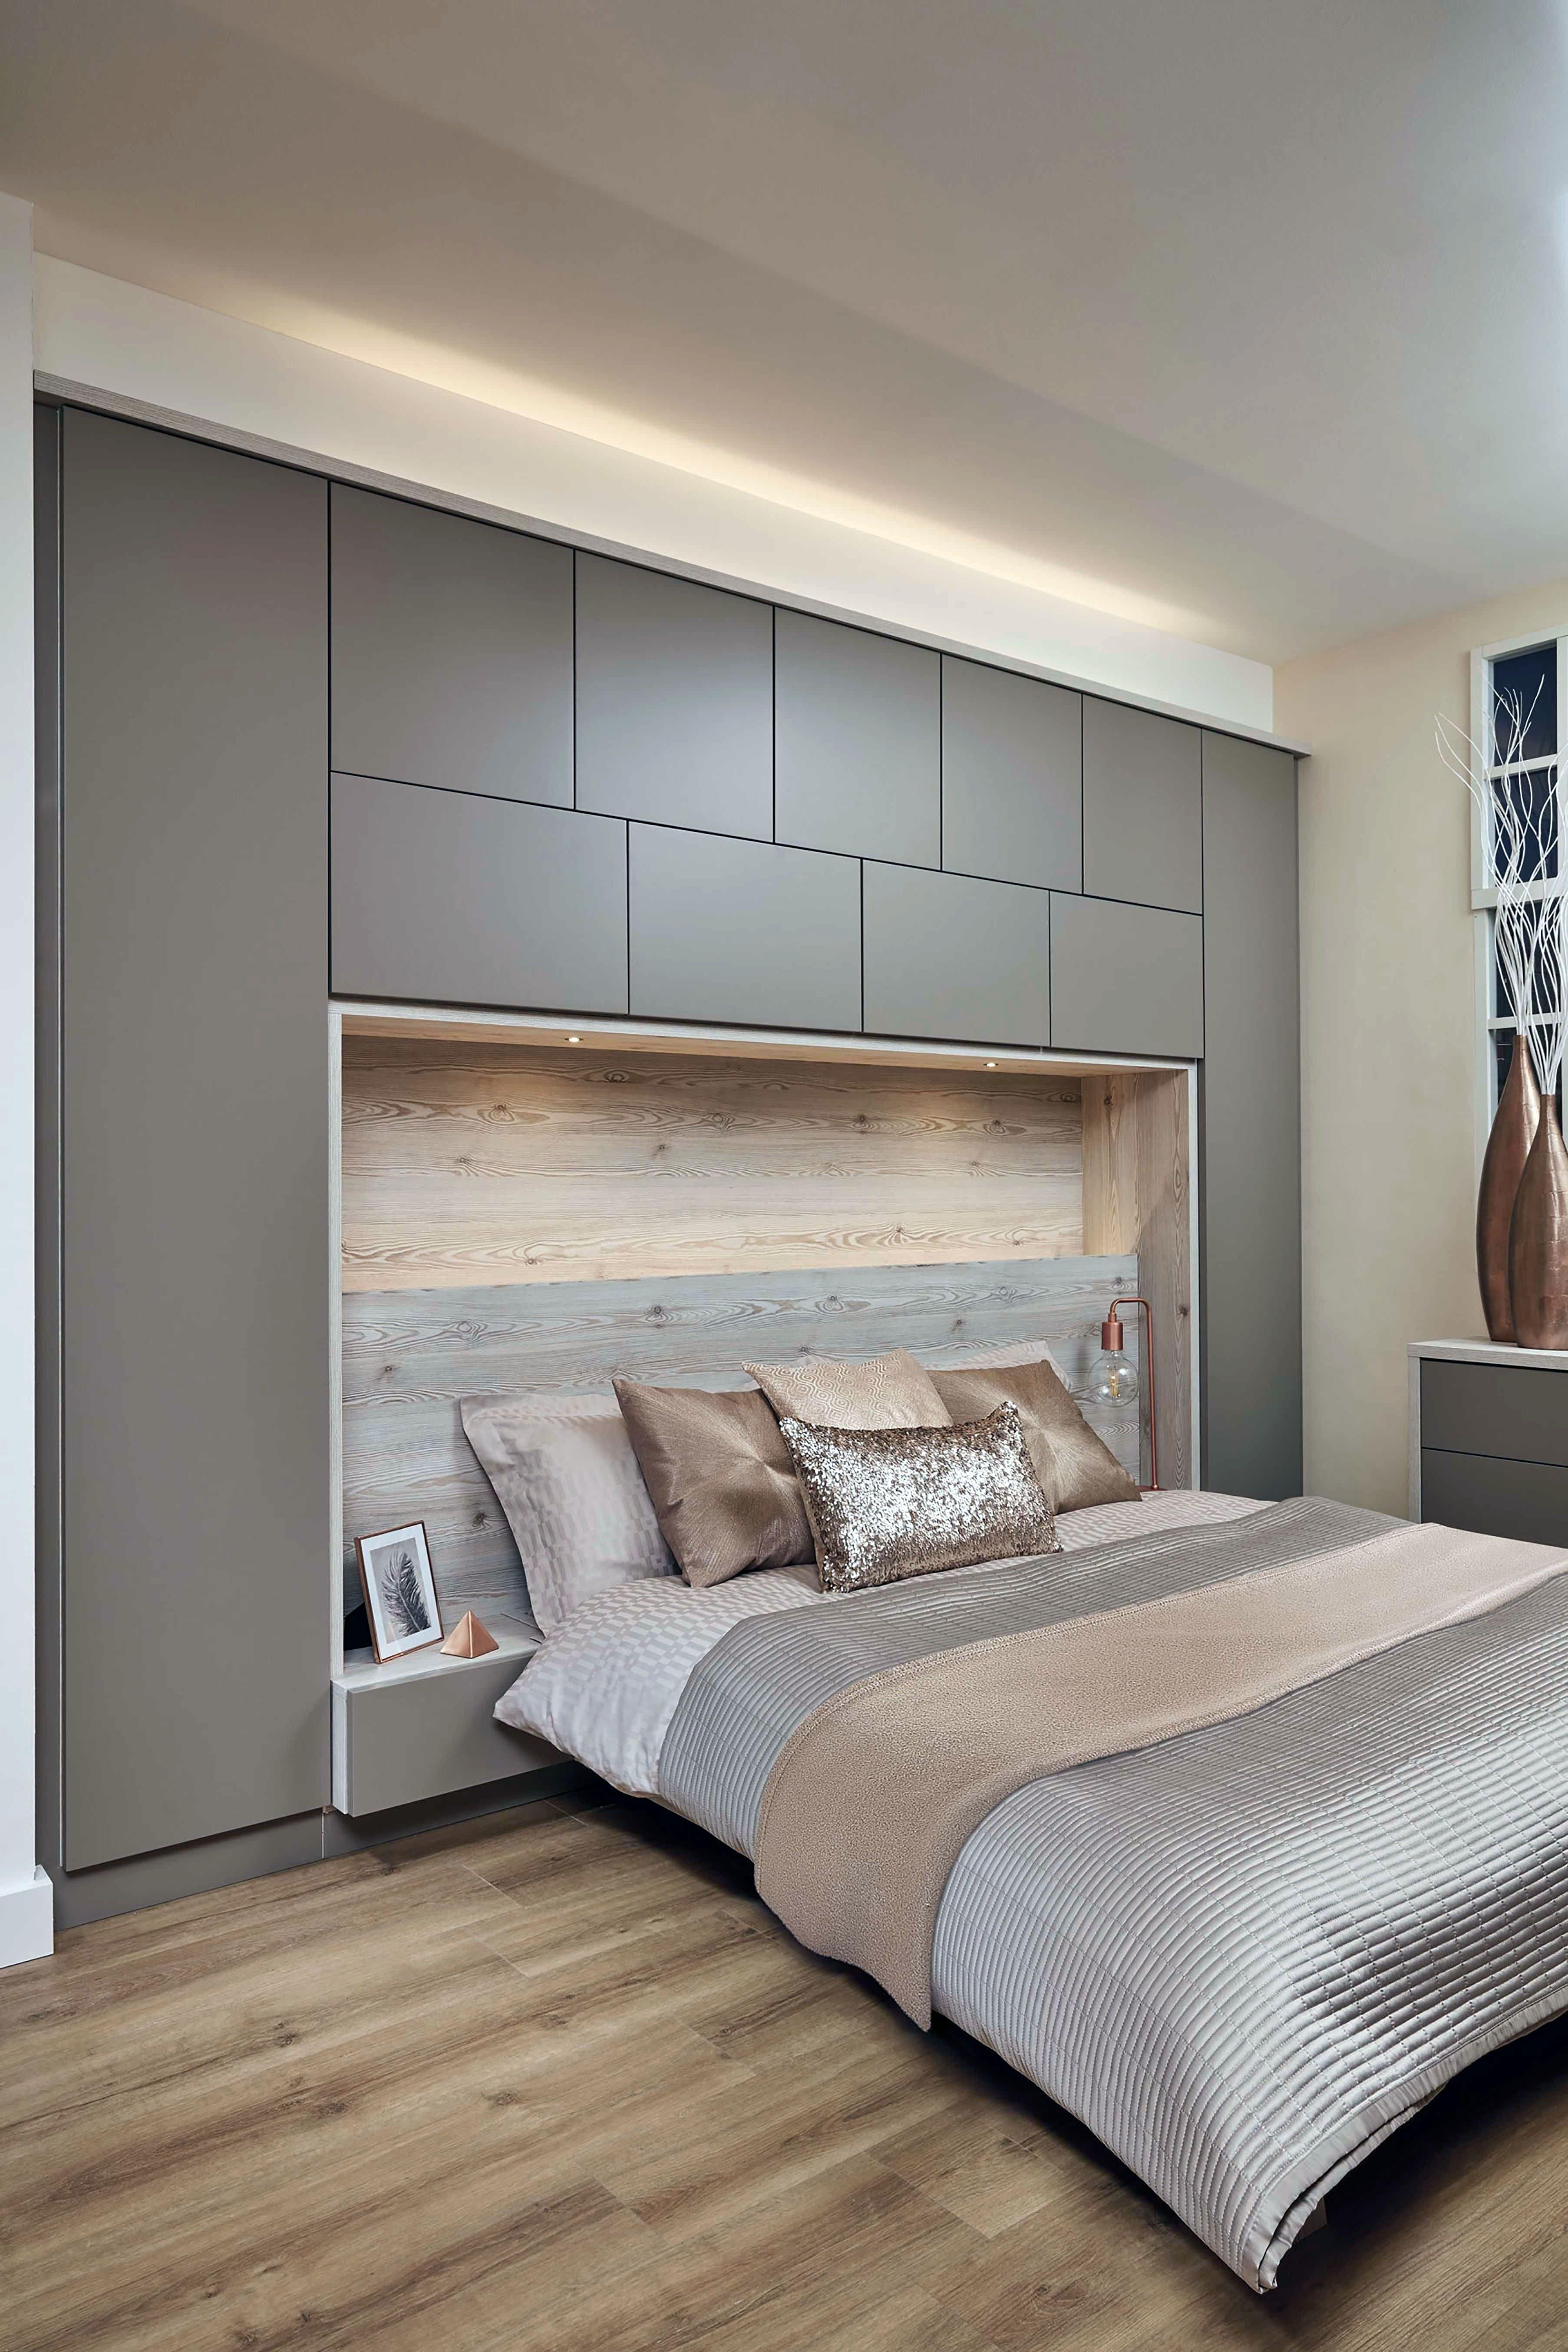 Master Bedroom Decorating Ideas Modern Master Bedroom Design Small Master Bedroom Bedroom Interior